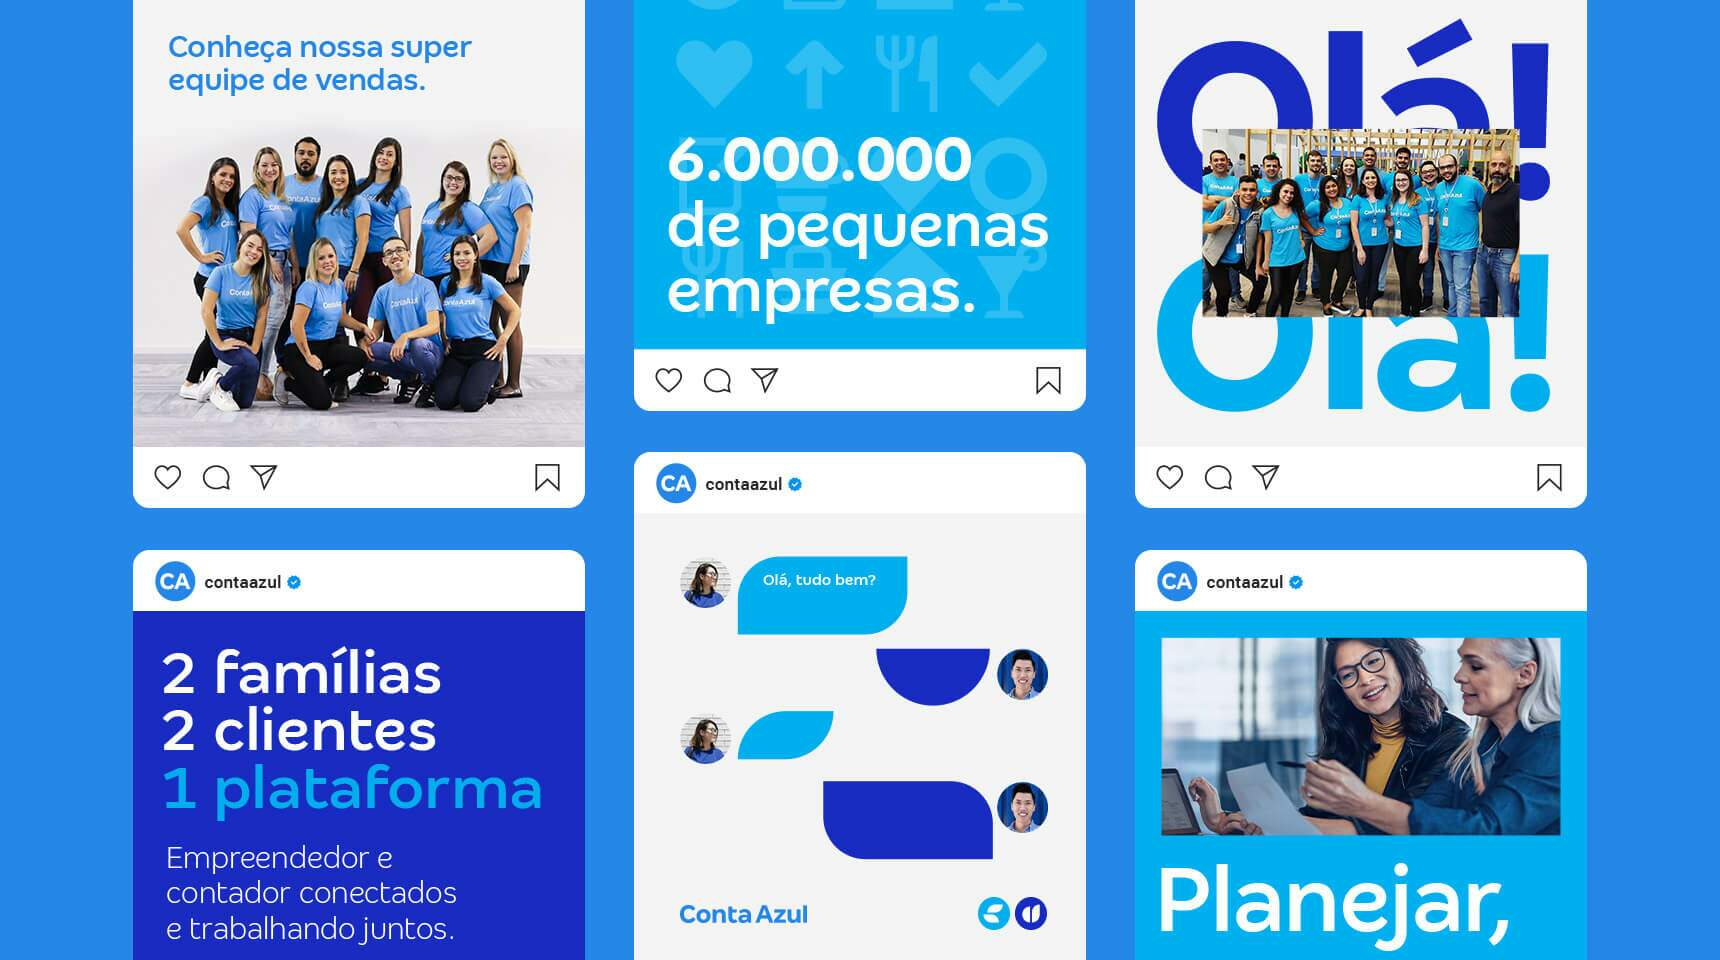 firmorama_conta-azul_15